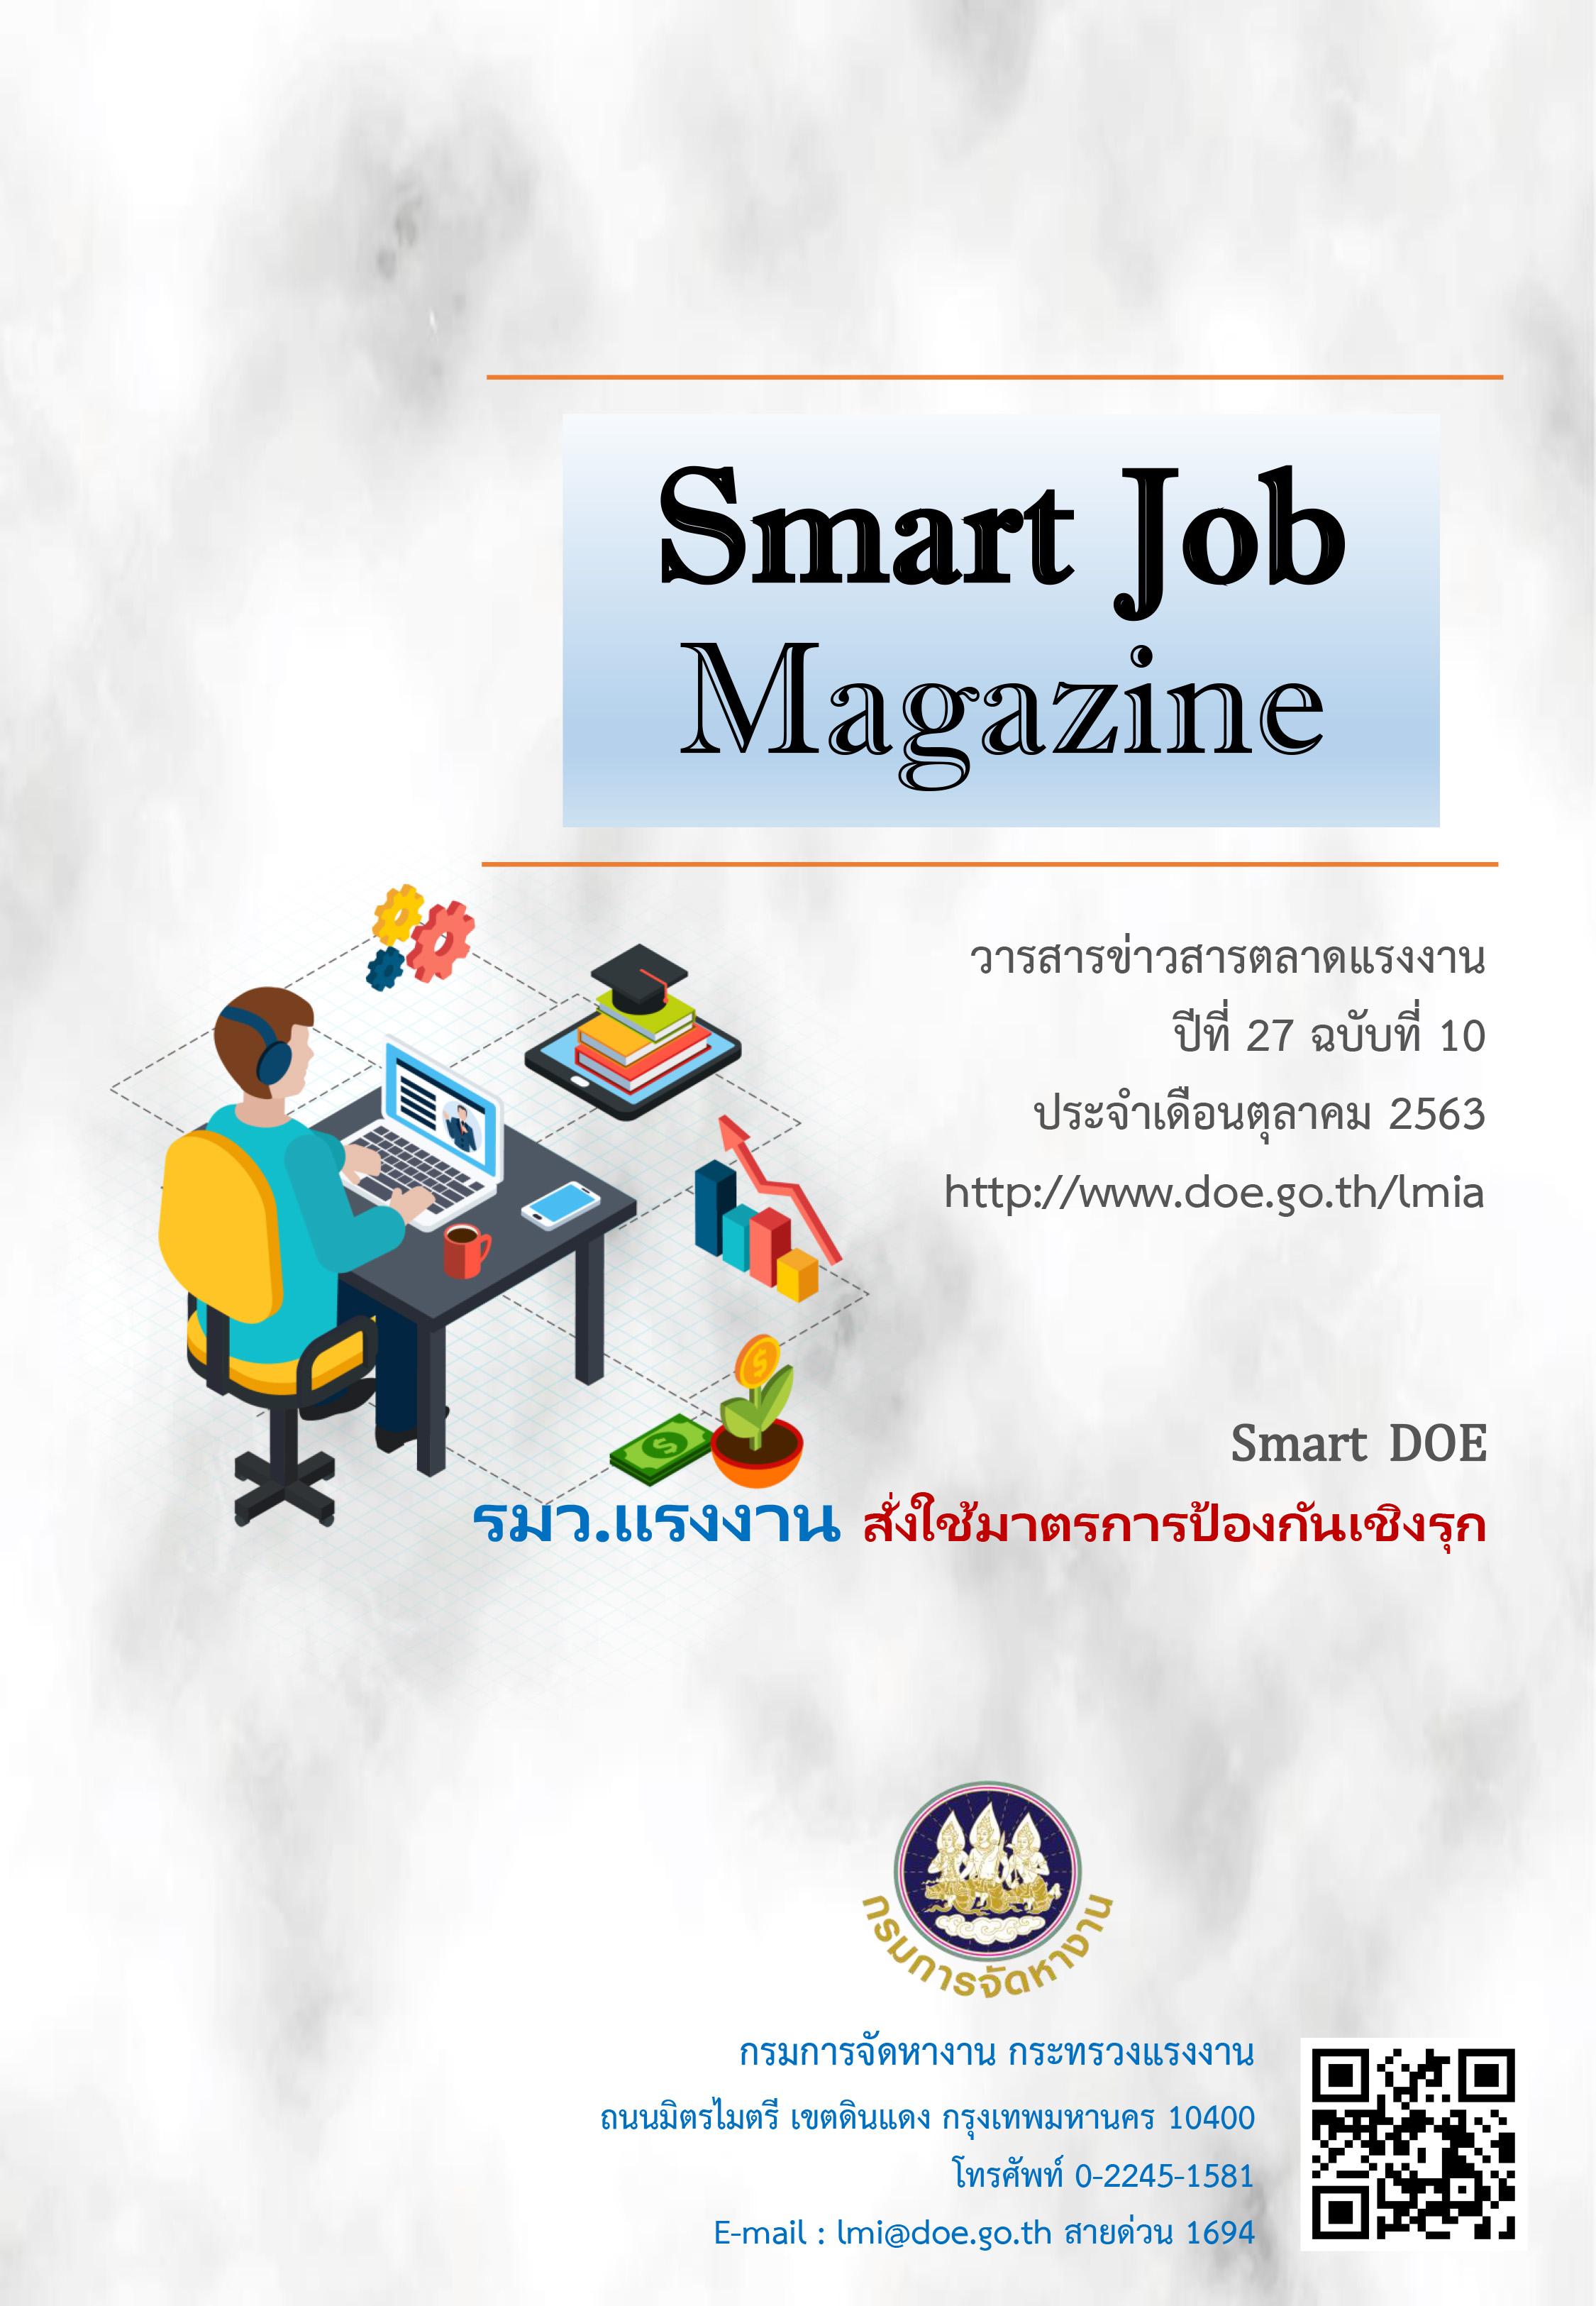 วารสารข่าวสารตลาดแรงงาน ปีที่ 27 ฉบับที่ 10 เดือนตุลาคม 2563